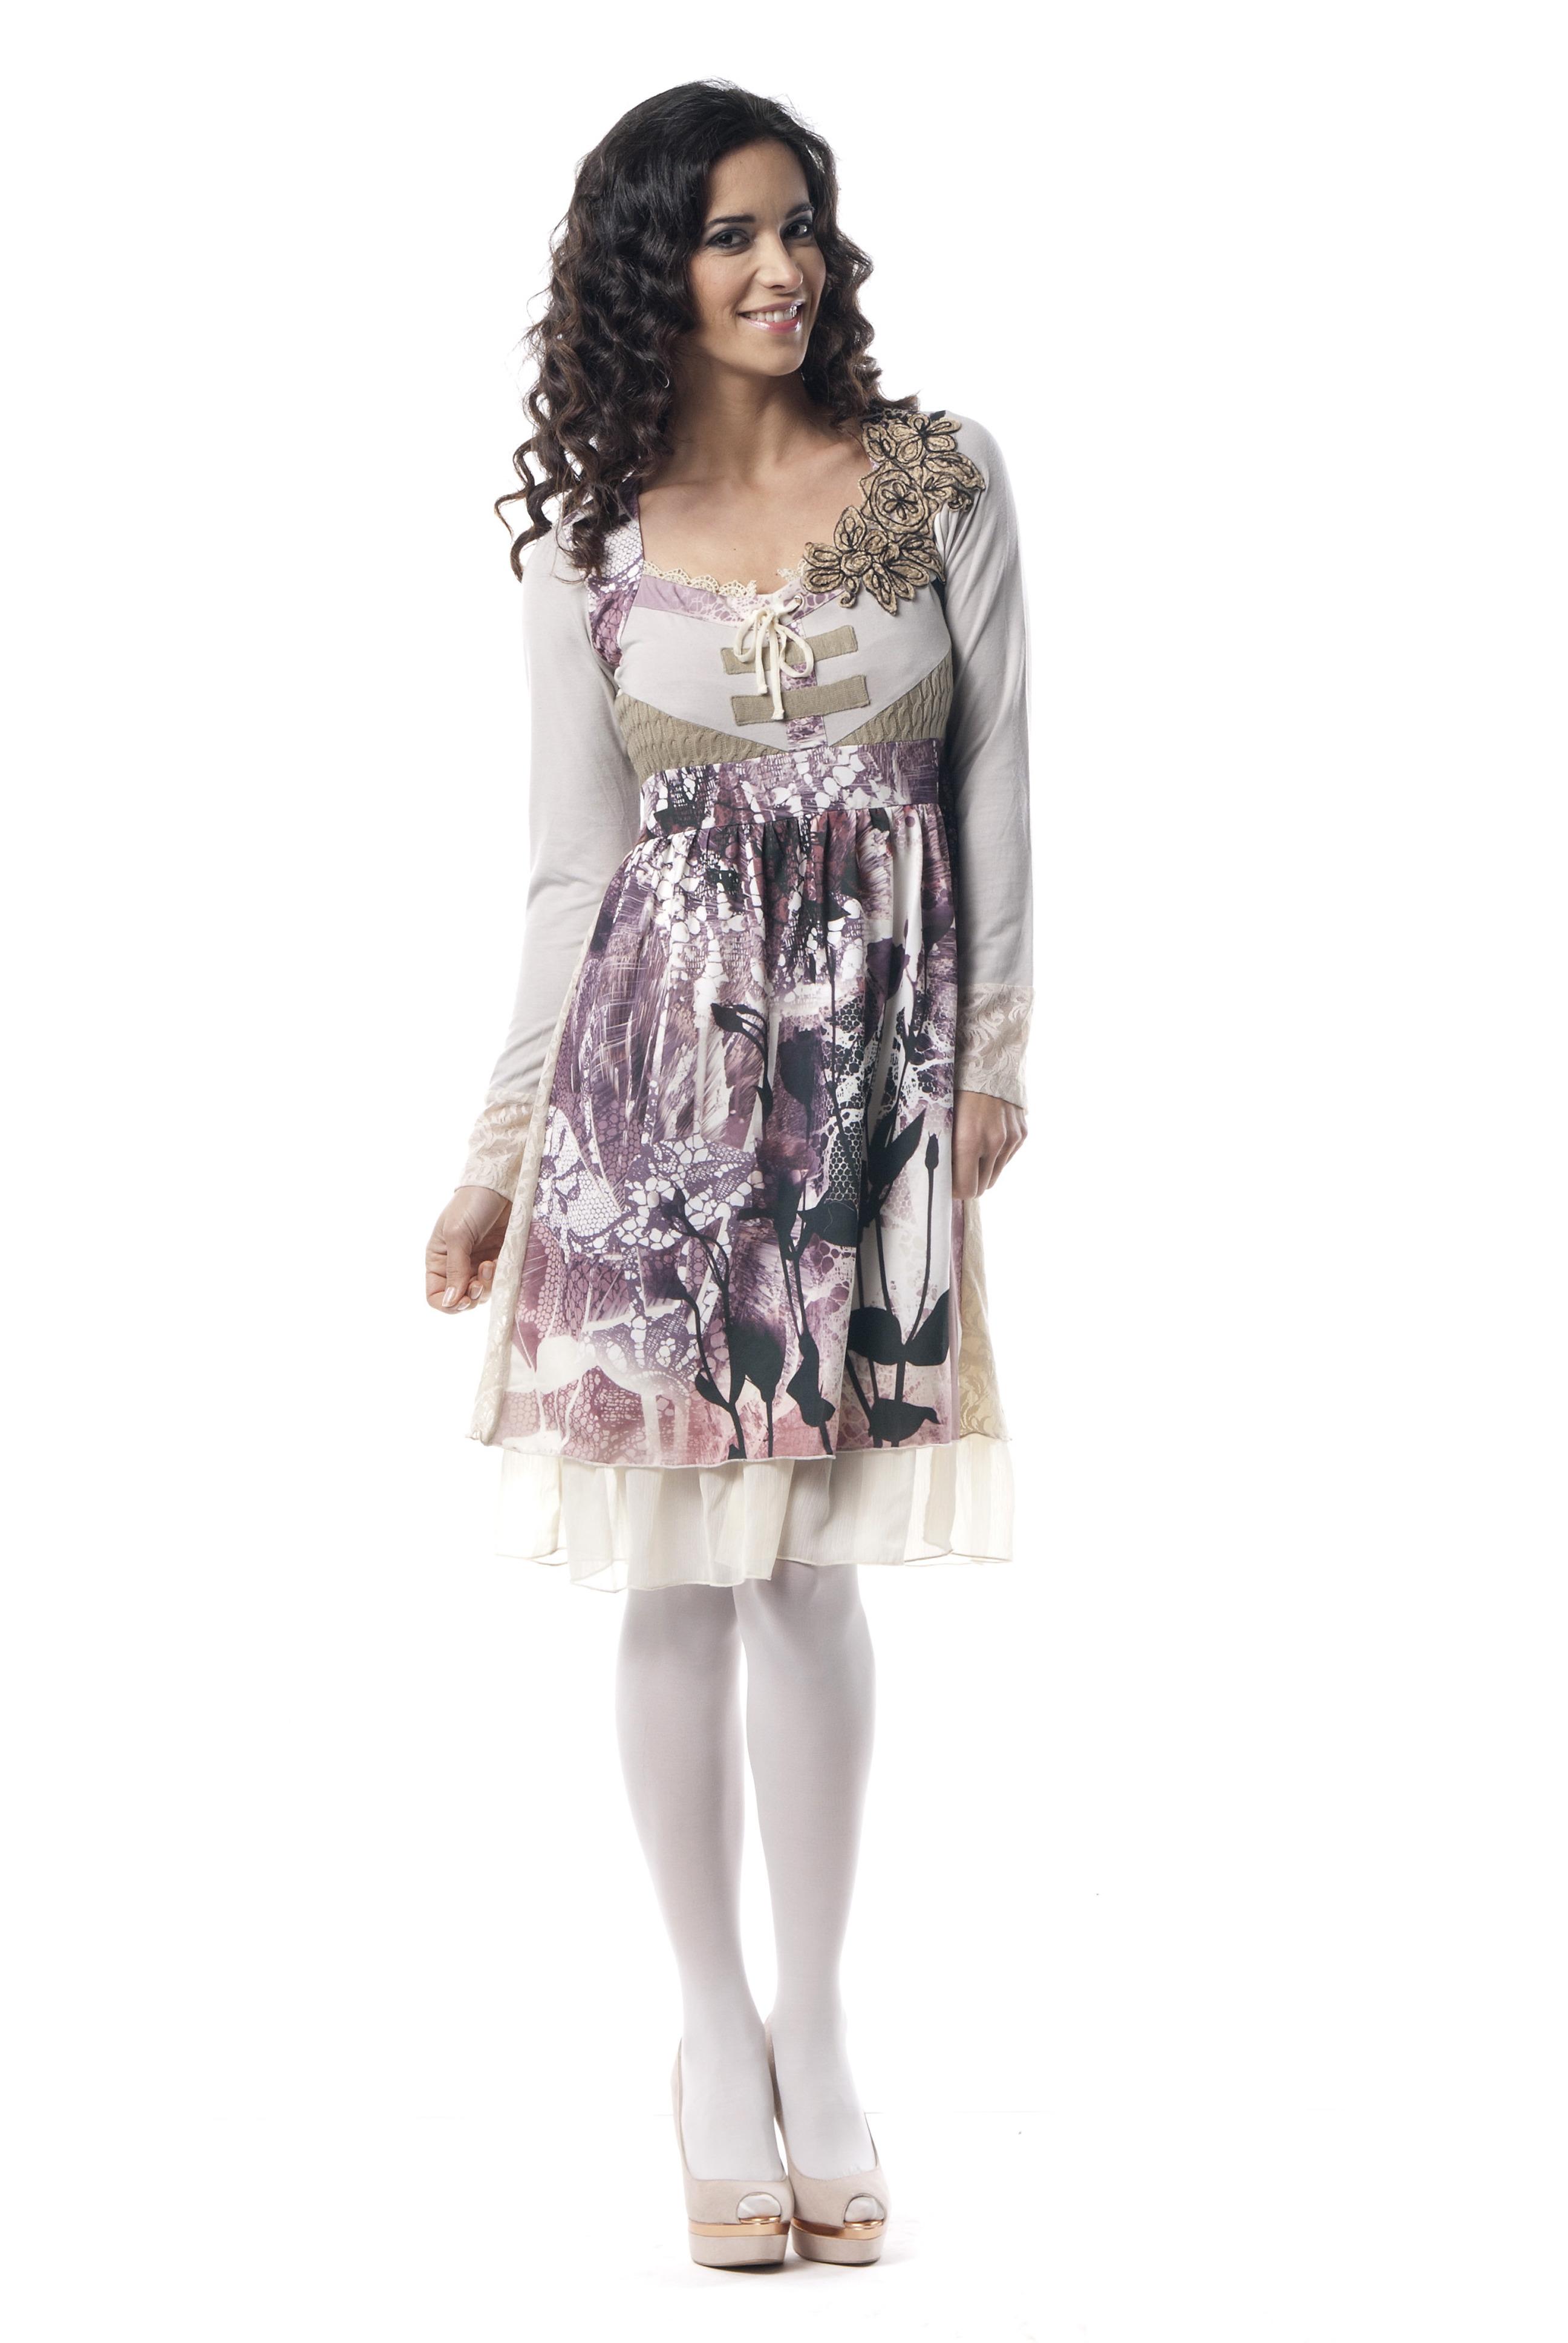 Les Fees Du Vent Couture: Belissola Dress (Almost Gone!) LFDV_887505_N